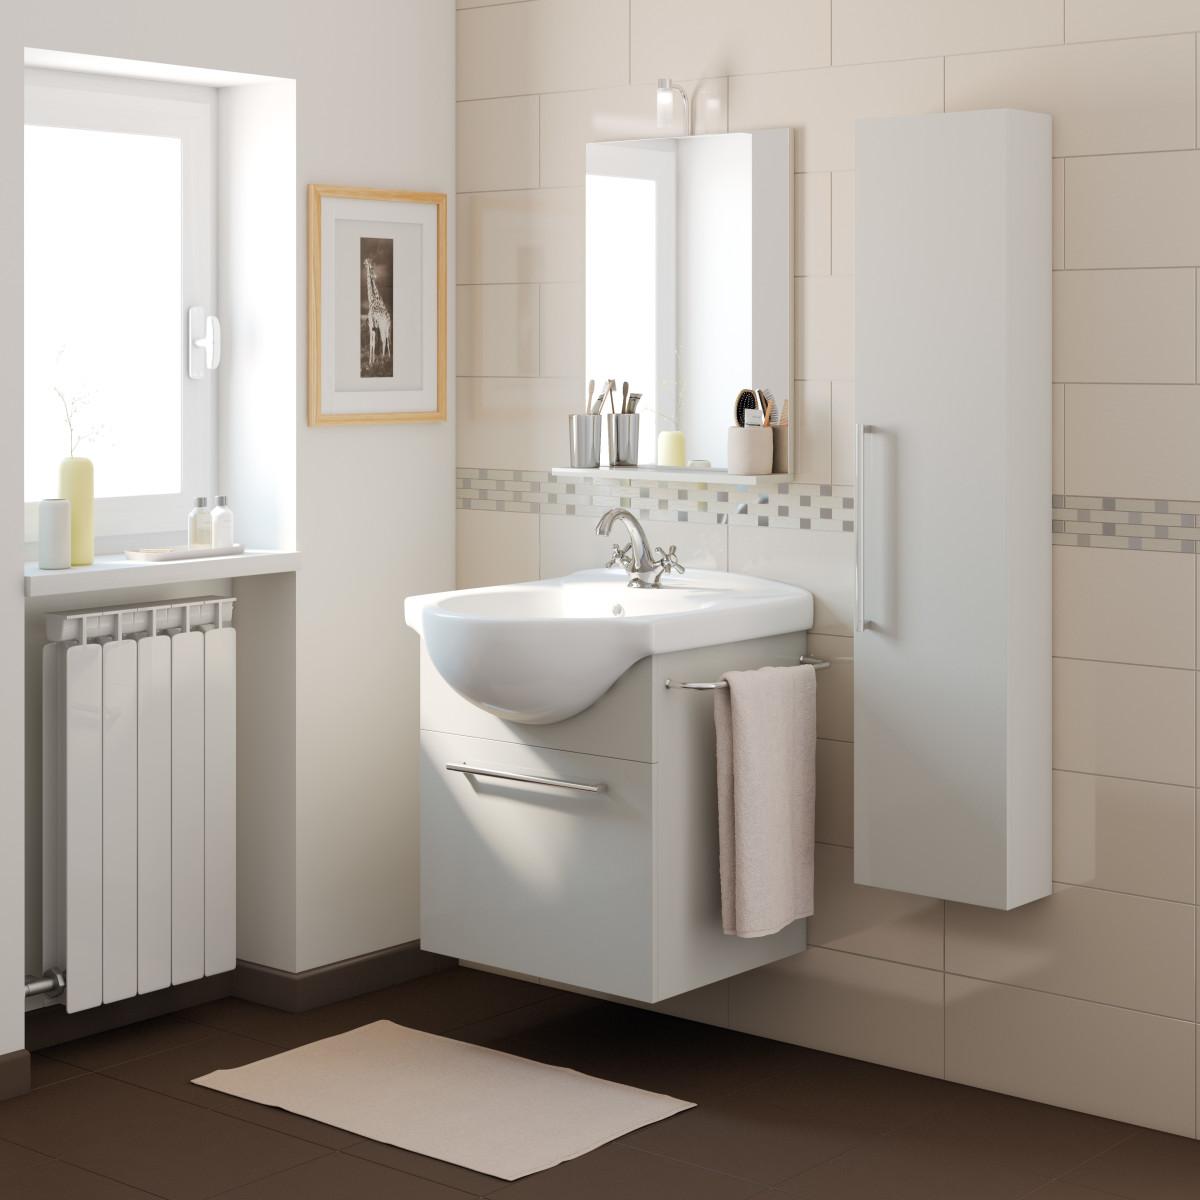 Lavandini bagno leroy merlin decora la tua vita - Offerte mobili bagno leroy merlin ...